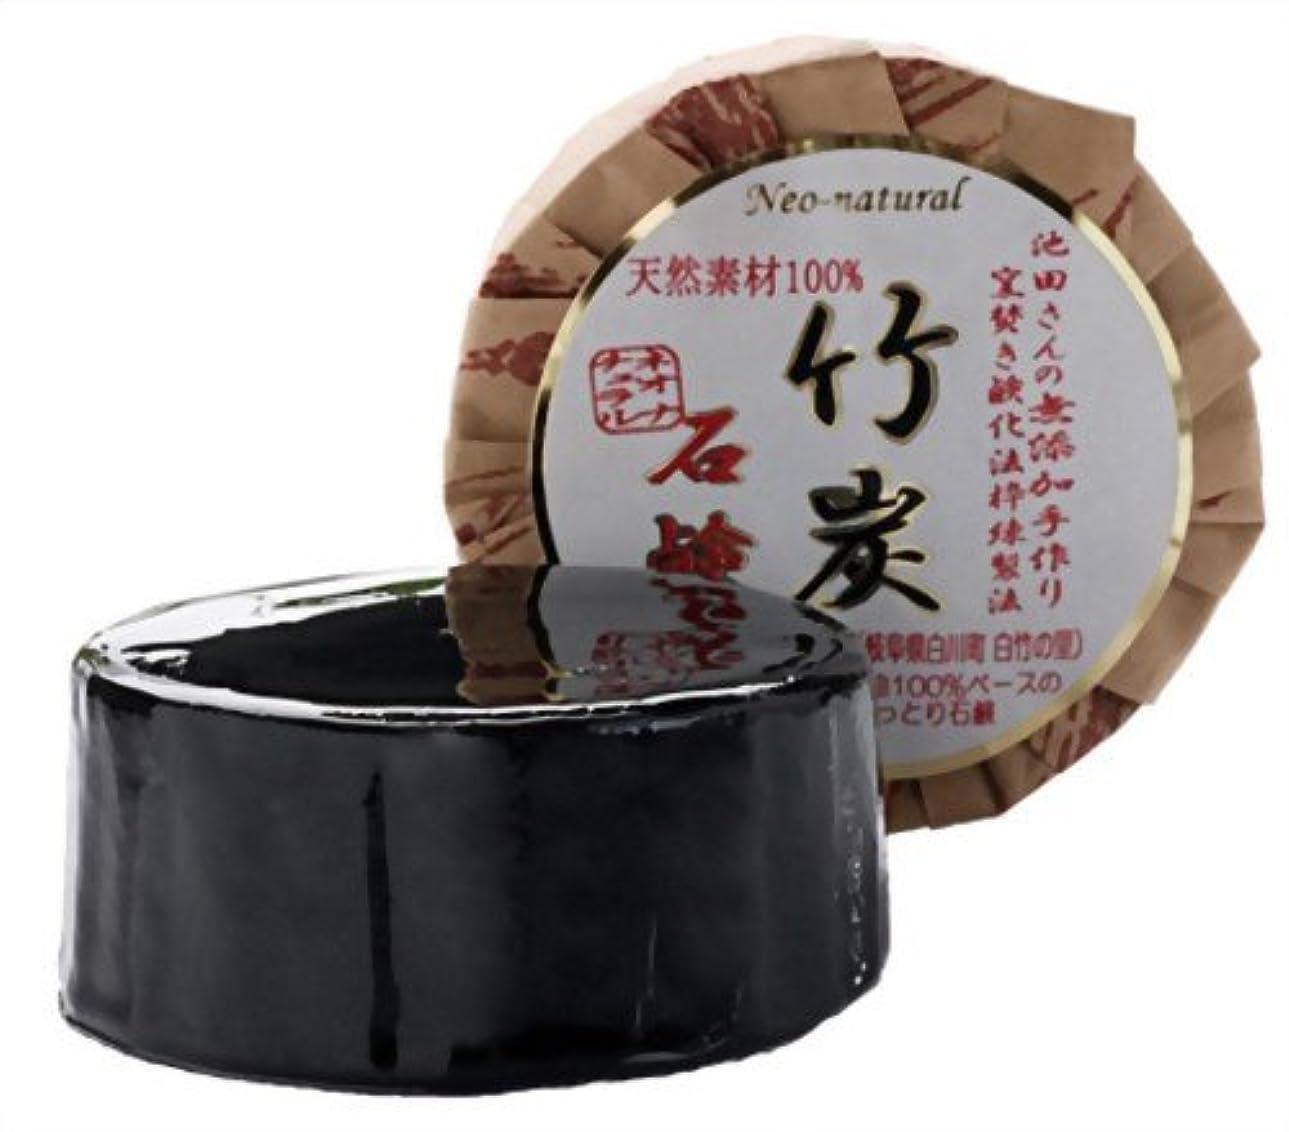 建てる強制的同情的ネオナチュラル 池田さんの竹炭石鹸 105g